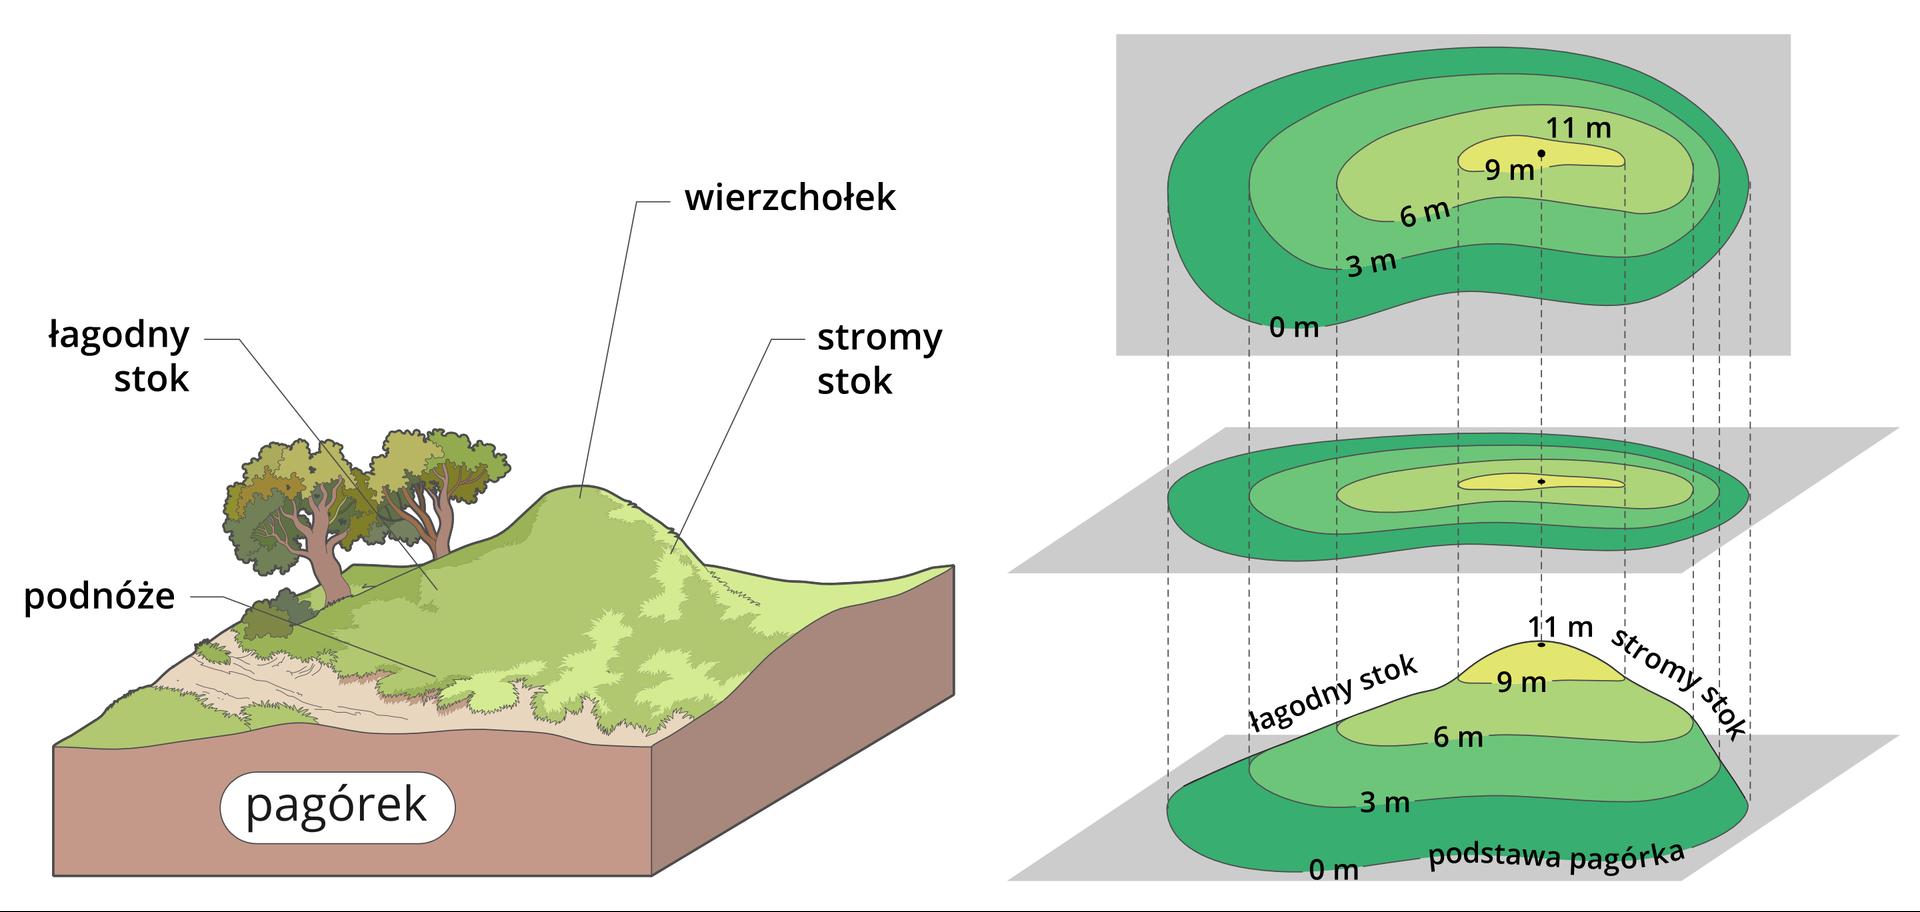 Po lewej stronie znajduje się ilustracja pagórka, na którym zaznaczono następujące opisy: najwyższe miejsce pagórka - to wierzchołek, jego łagodny spadek po lewej stronie - to łagodny stok, stromy spadek po prawej - to stromy stok. Upodstawy pagórka jest podnóże. Po prawej stronie obok ilustracji pagórka są trzy jego odwzorowania.Pierwsze wkolejności od dołu, to model pagórka znarysowanymi na nim liniami – poziomicami. Poziomice są zaznaczone co 3 metry. Mamy kolejno od podnóża poziomice: 0 metrów, 3 metry, 6 metrów, 9 metrów, wierzchołek – 11 metrów. Każda warstwa modelu pagórka, pomiędzy liniami – poziomicami, jest pokolorowana na zielono. Odcień koloru zielonego jest różny wzależności od wysokości. Pomiędzy poziomicą 0 metrów a3 metry, jest kolor ciemnozielony, między 3 metry a6 metrów - zielony, między 6 metrów a9 metrów - jasnozielony, apomiędzy 9 metrów a11 metrów - żółtozielony.Drugie od dołu odwzorowanie, nad modelem pagórka, to przeniesienie – rzut poziomic oraz barw modelu pagórka, na poziomą kartkę. Od każdej poziomicy zmodelu pagórka poprowadzono po dwie przerywane linie na poziomą kartkę, odwzorowując wten sposób szerokość ikształt warstw pagórka. Każda warstwa jest pokolorowana tak samo jak na modelu pagórka. Lewy, łagodny stok pagórka, ma poziomice narysowane dalej od siebie, aprawy, stromy stok, ma poziomice bliżej siebie.Trzecie od dołu odwzorowanie, to rzut modelu pagórka pokazany na pionowej kartce zzaznaczonym kształtem poziomic, wysokością wmetrach ibarwą. Identycznie jak na kartce poziomej, ale dokładnie na wprost oglądającego. Wten sposób możny czytać wysokości na mapach oraz ukształtowanie terenu.